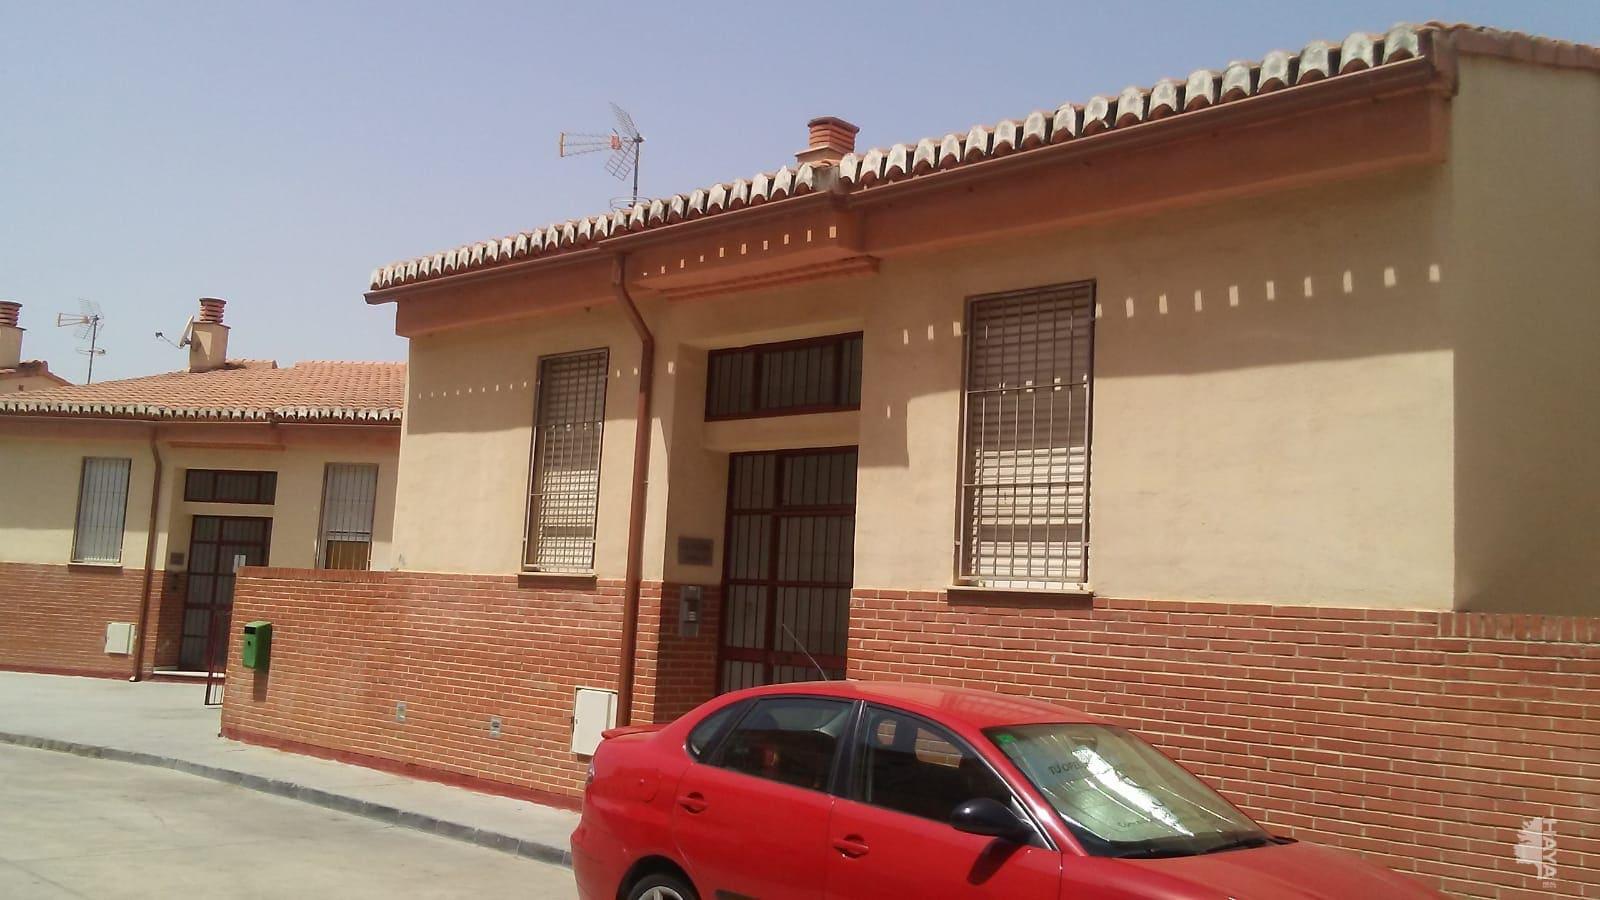 Piso en venta en Cenes de la Vega, Cenes de la Vega, Granada, Calle Vista Blanca, 56.000 €, 2 habitaciones, 1 baño, 70 m2